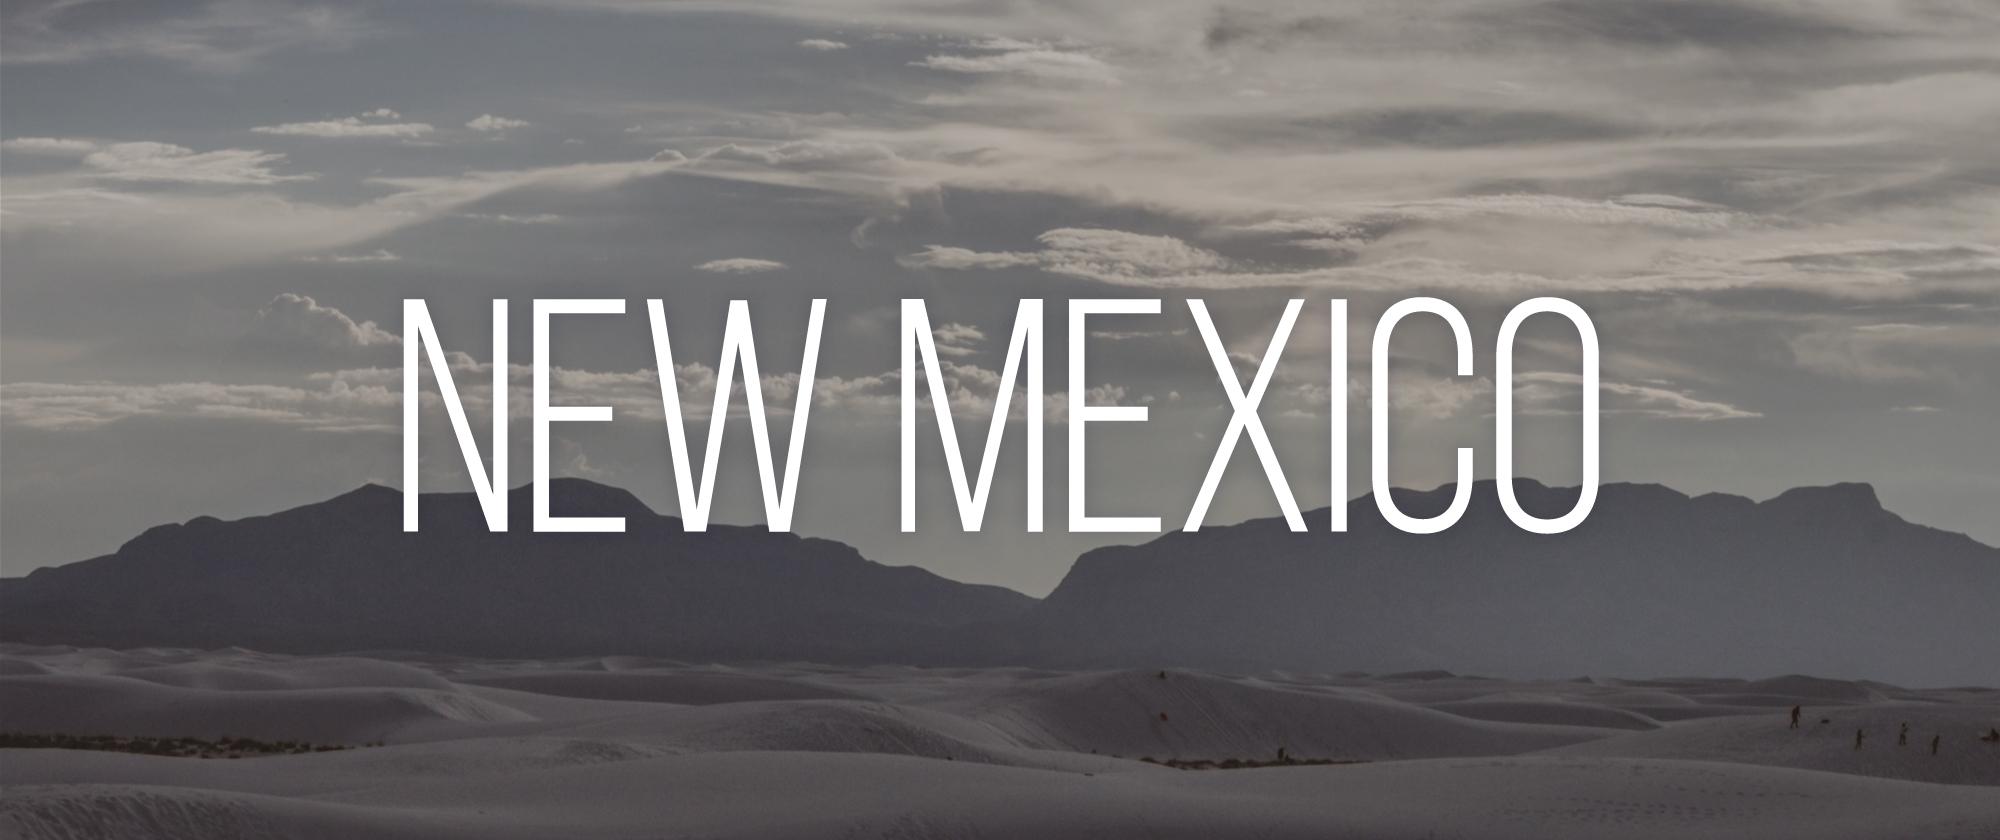 newmexico-header.jpg